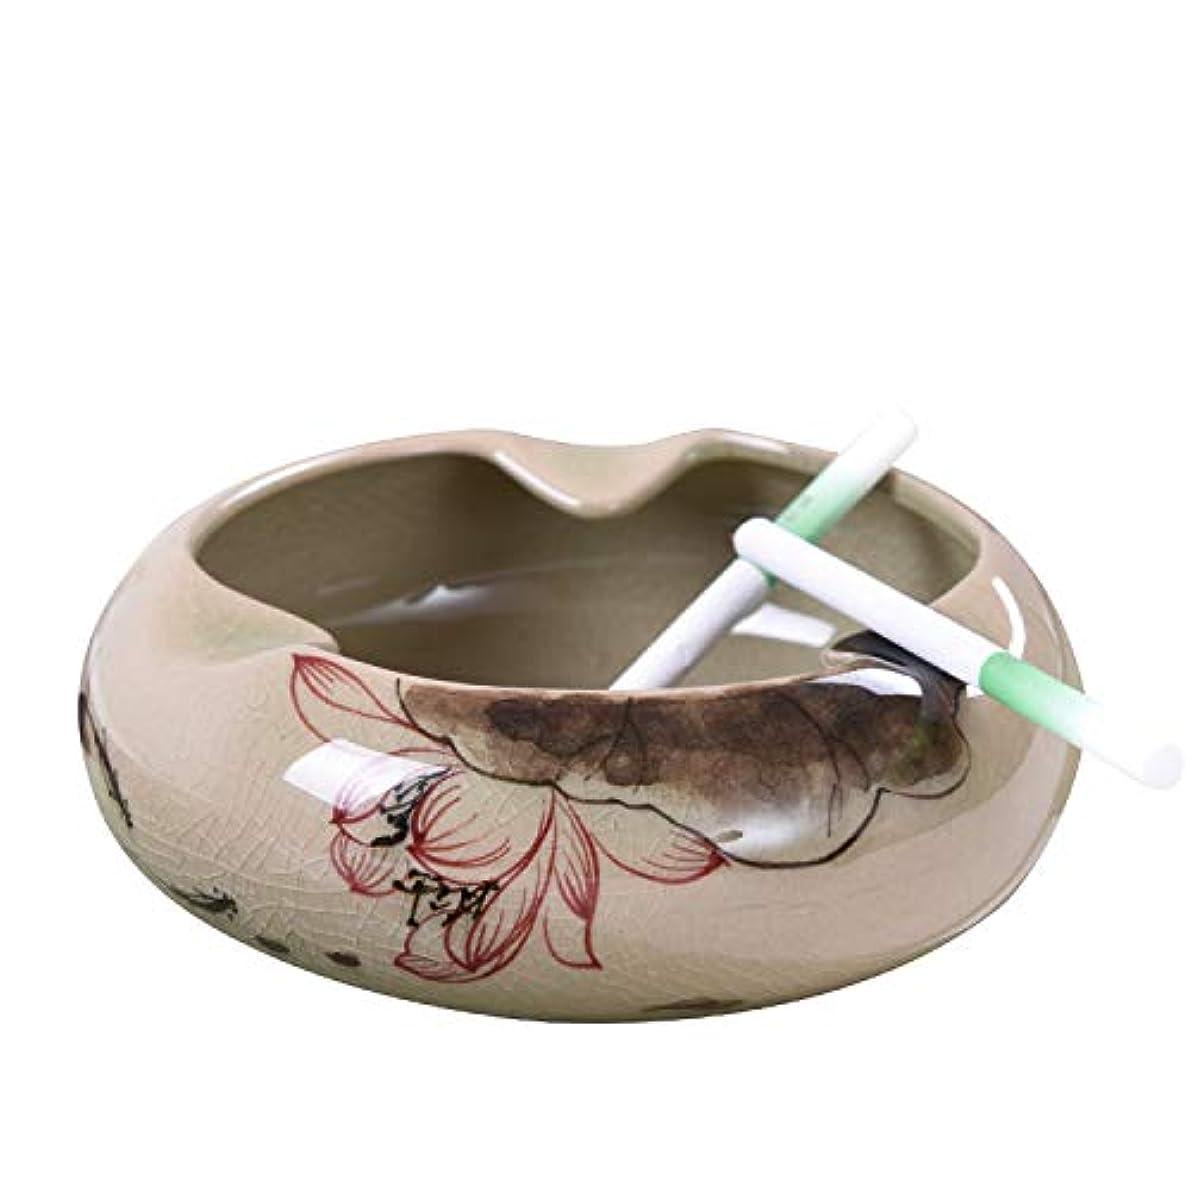 マラドロイトバスケットボール口述する灰皿の手は、セラミックの中国のレトロスタイルの葉の家のコーヒーテーブルの家を描いた